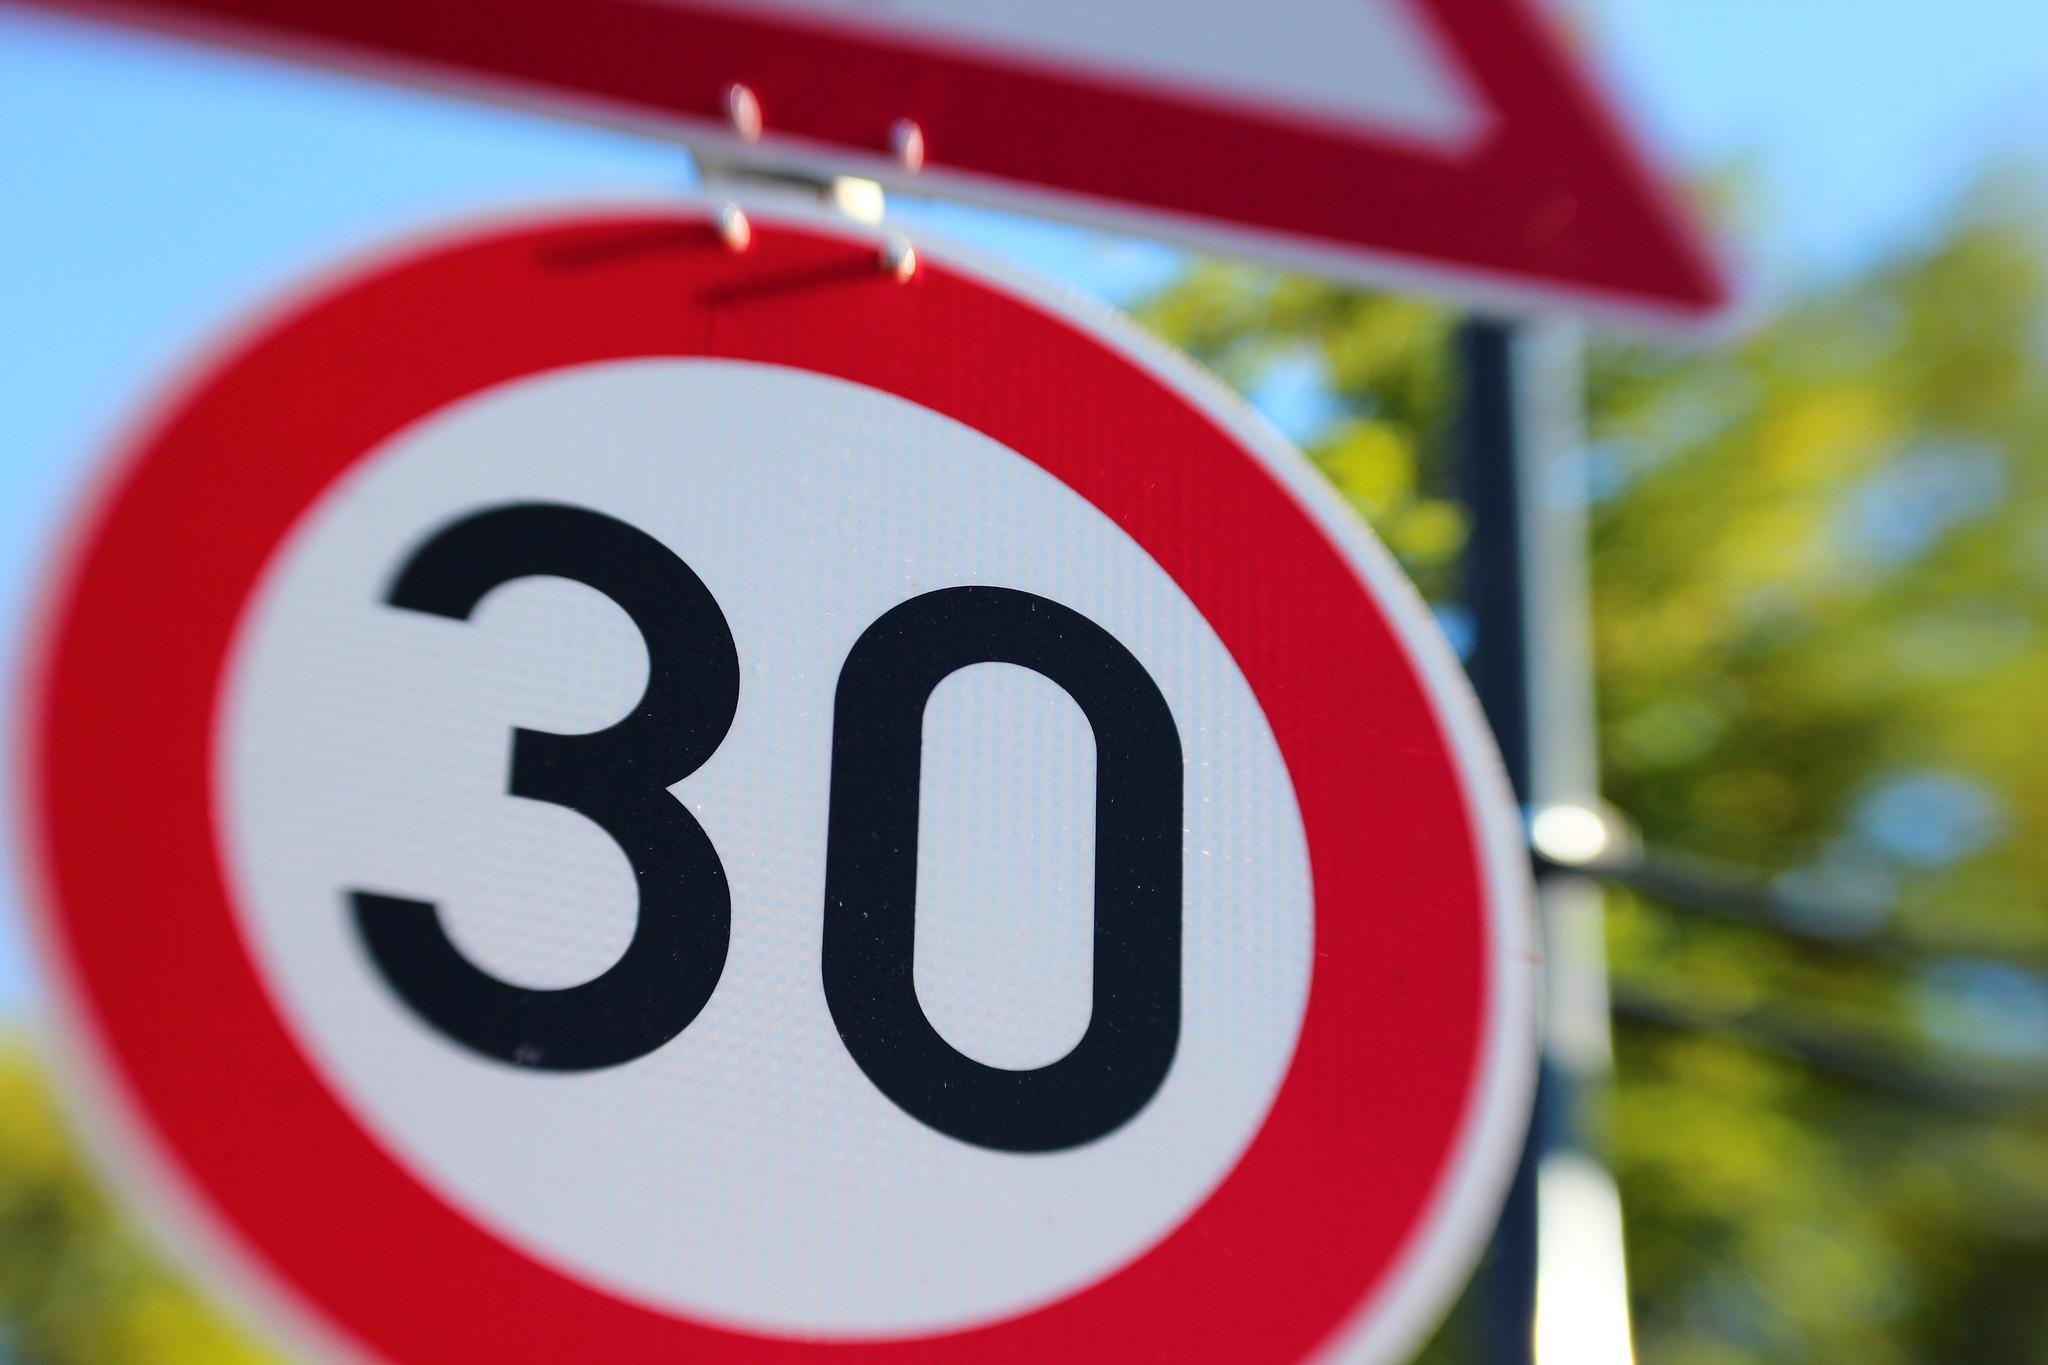 Tempo 30 in der Gärtnerstraße konsequent durchsetzen